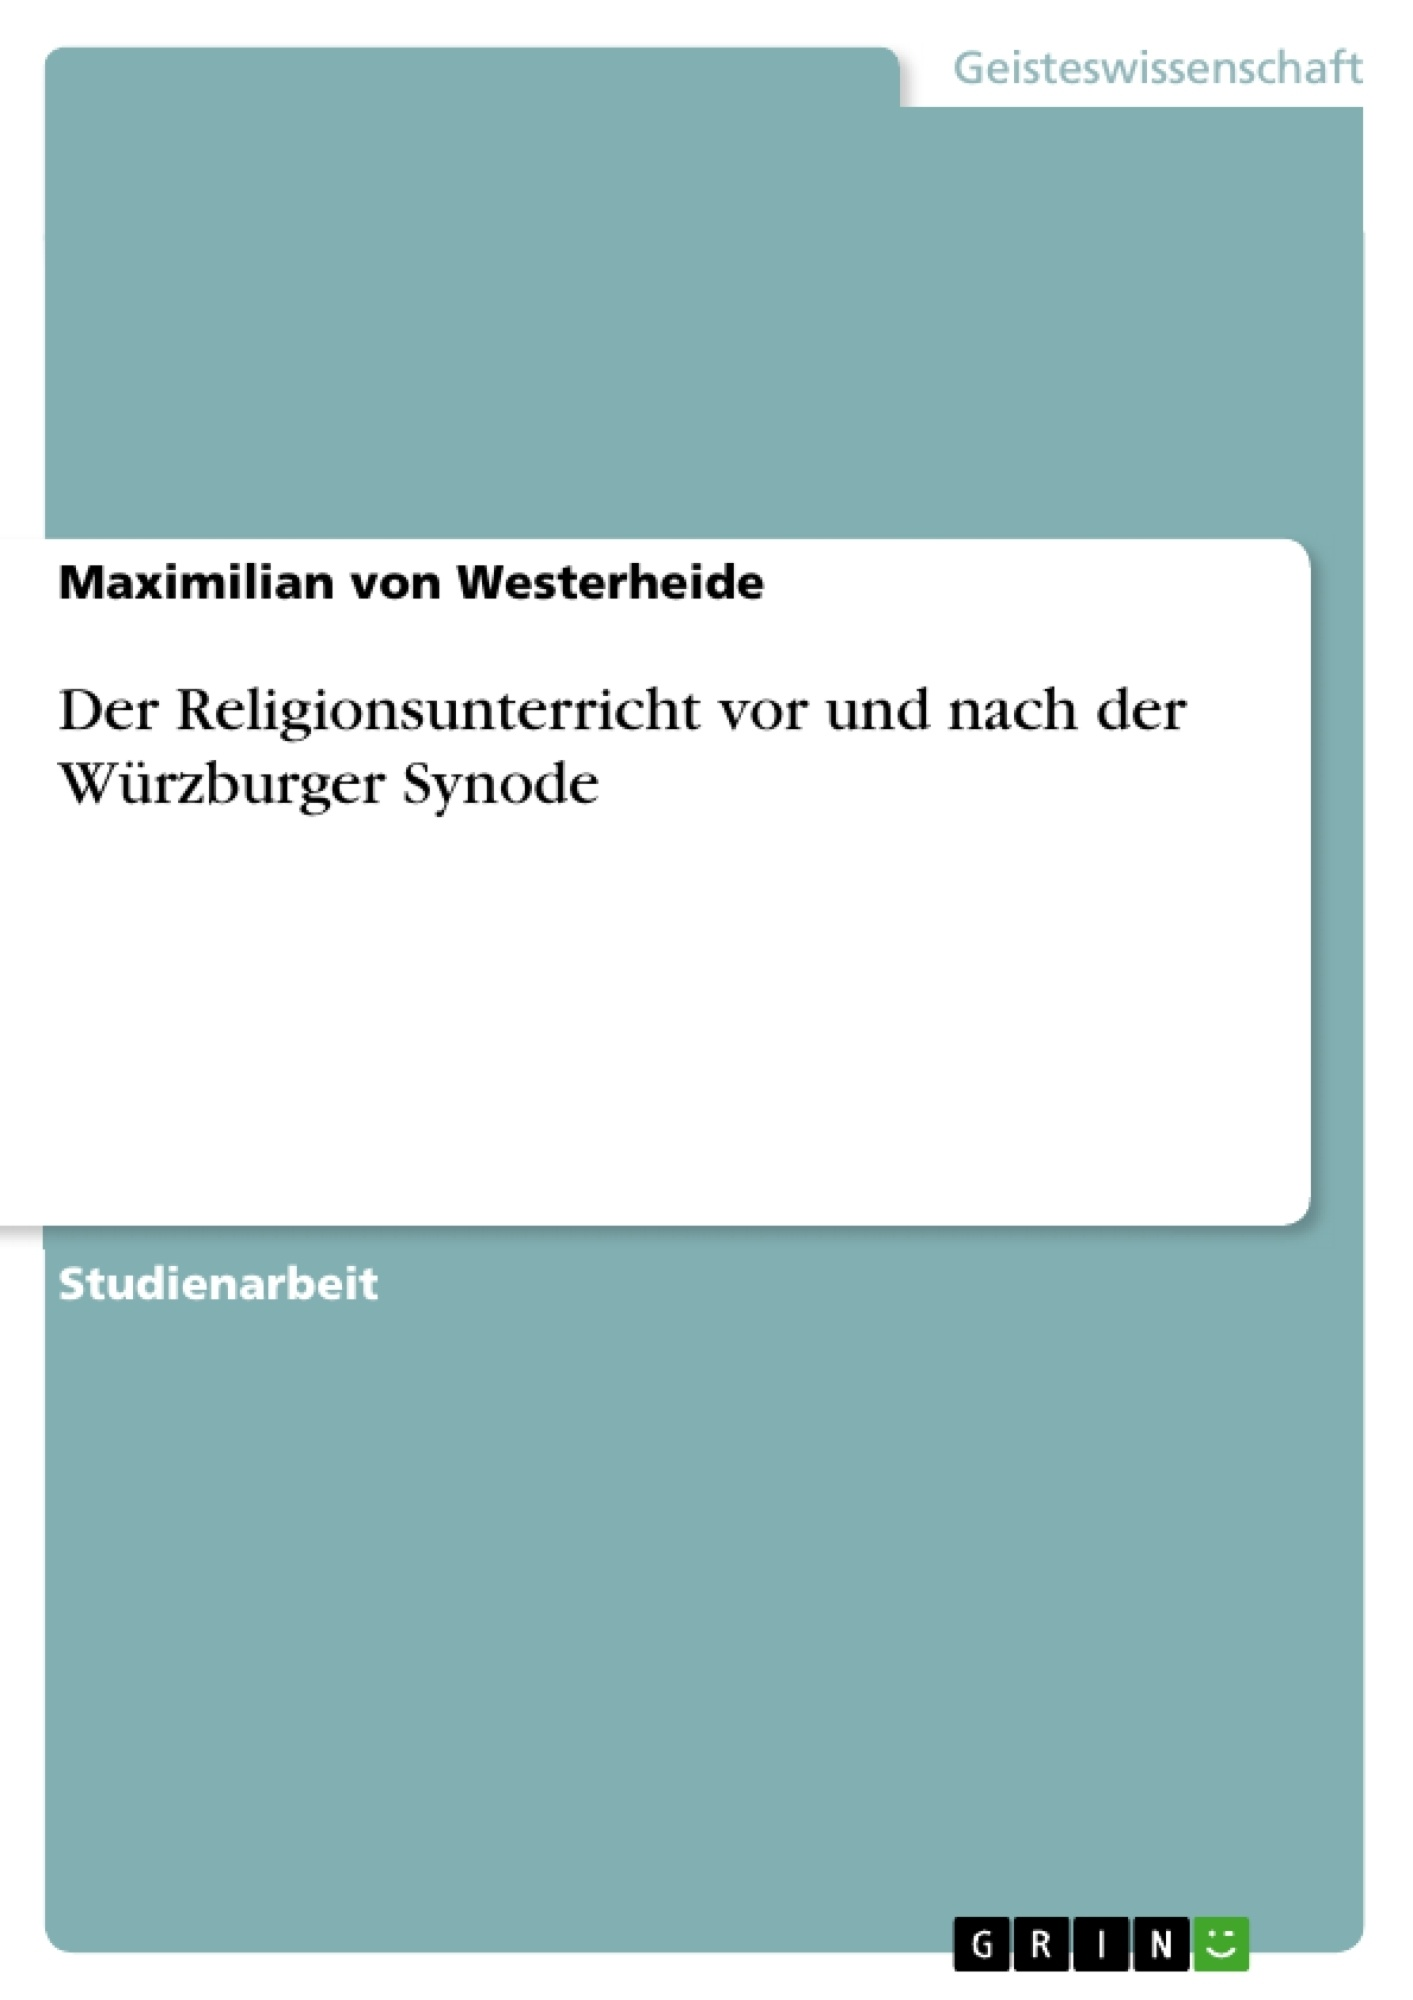 Titel: Der Religionsunterricht vor und nach der Würzburger Synode